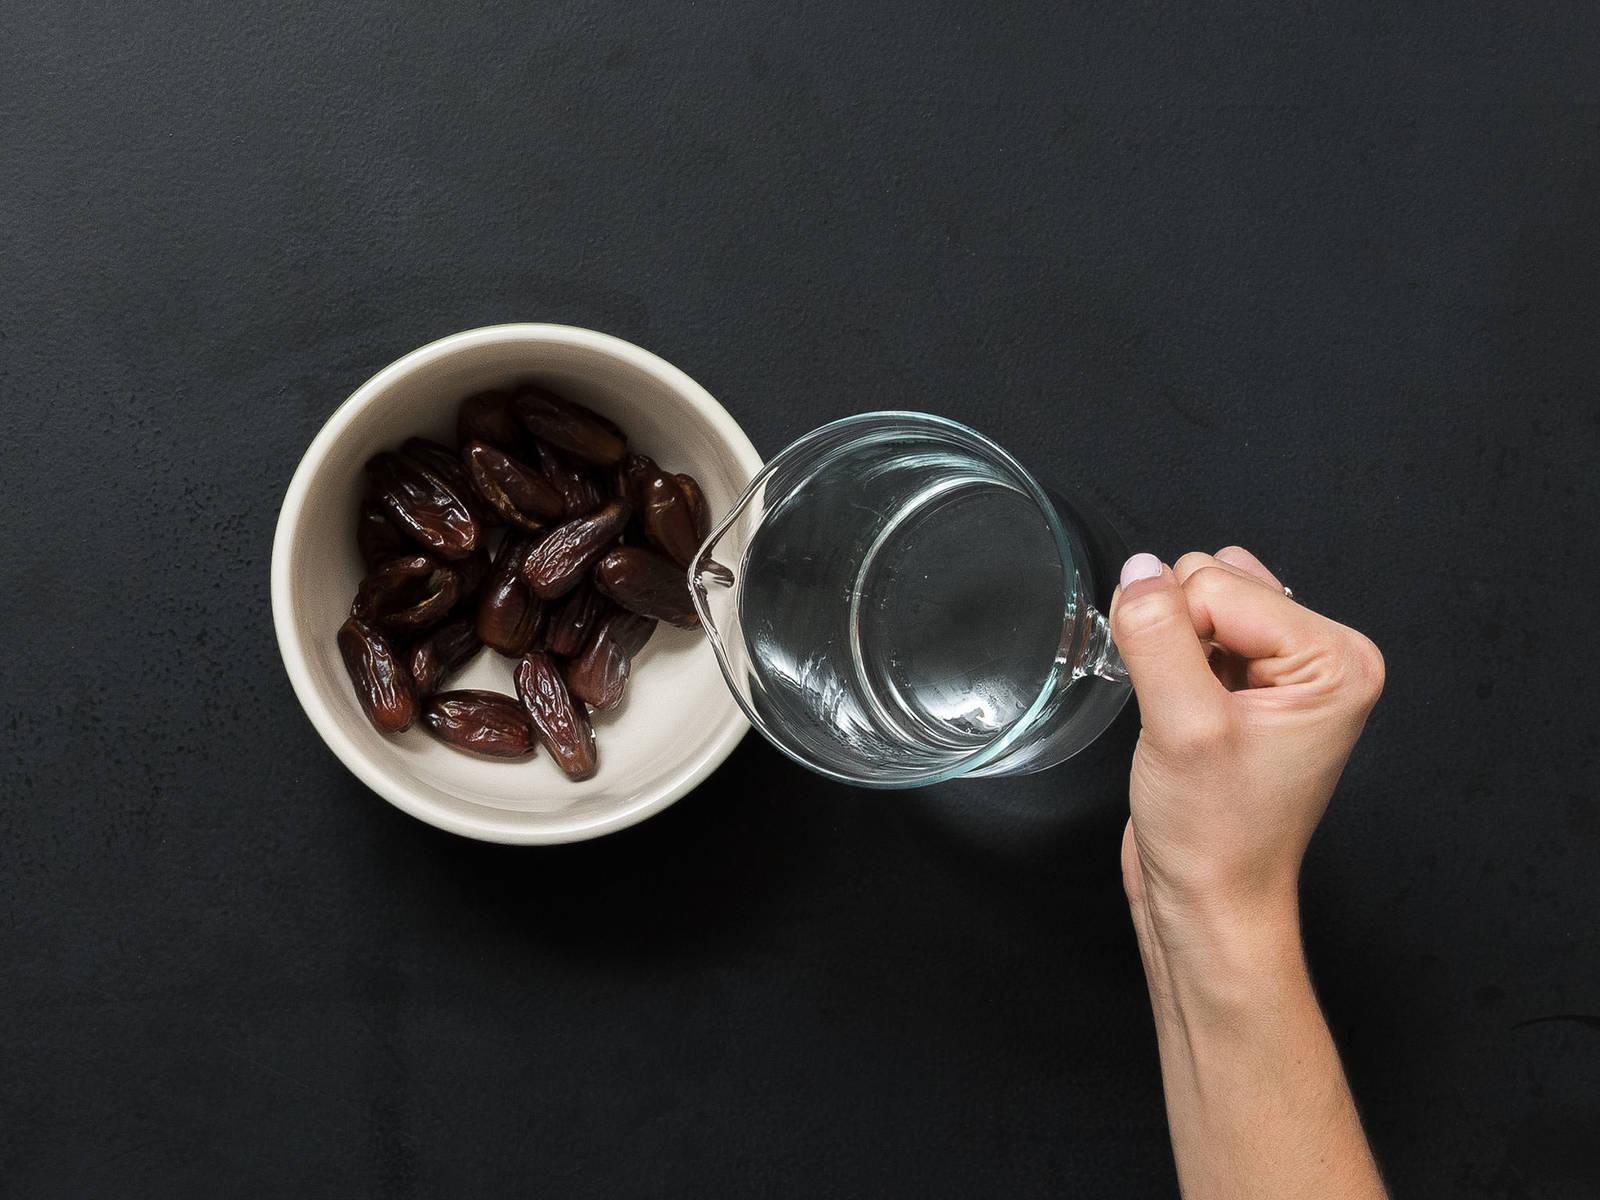 Backofen auf 180°C vorheizen. Datteln in einer Schüssel mit Wasser ca. 5 Min. einweichen.